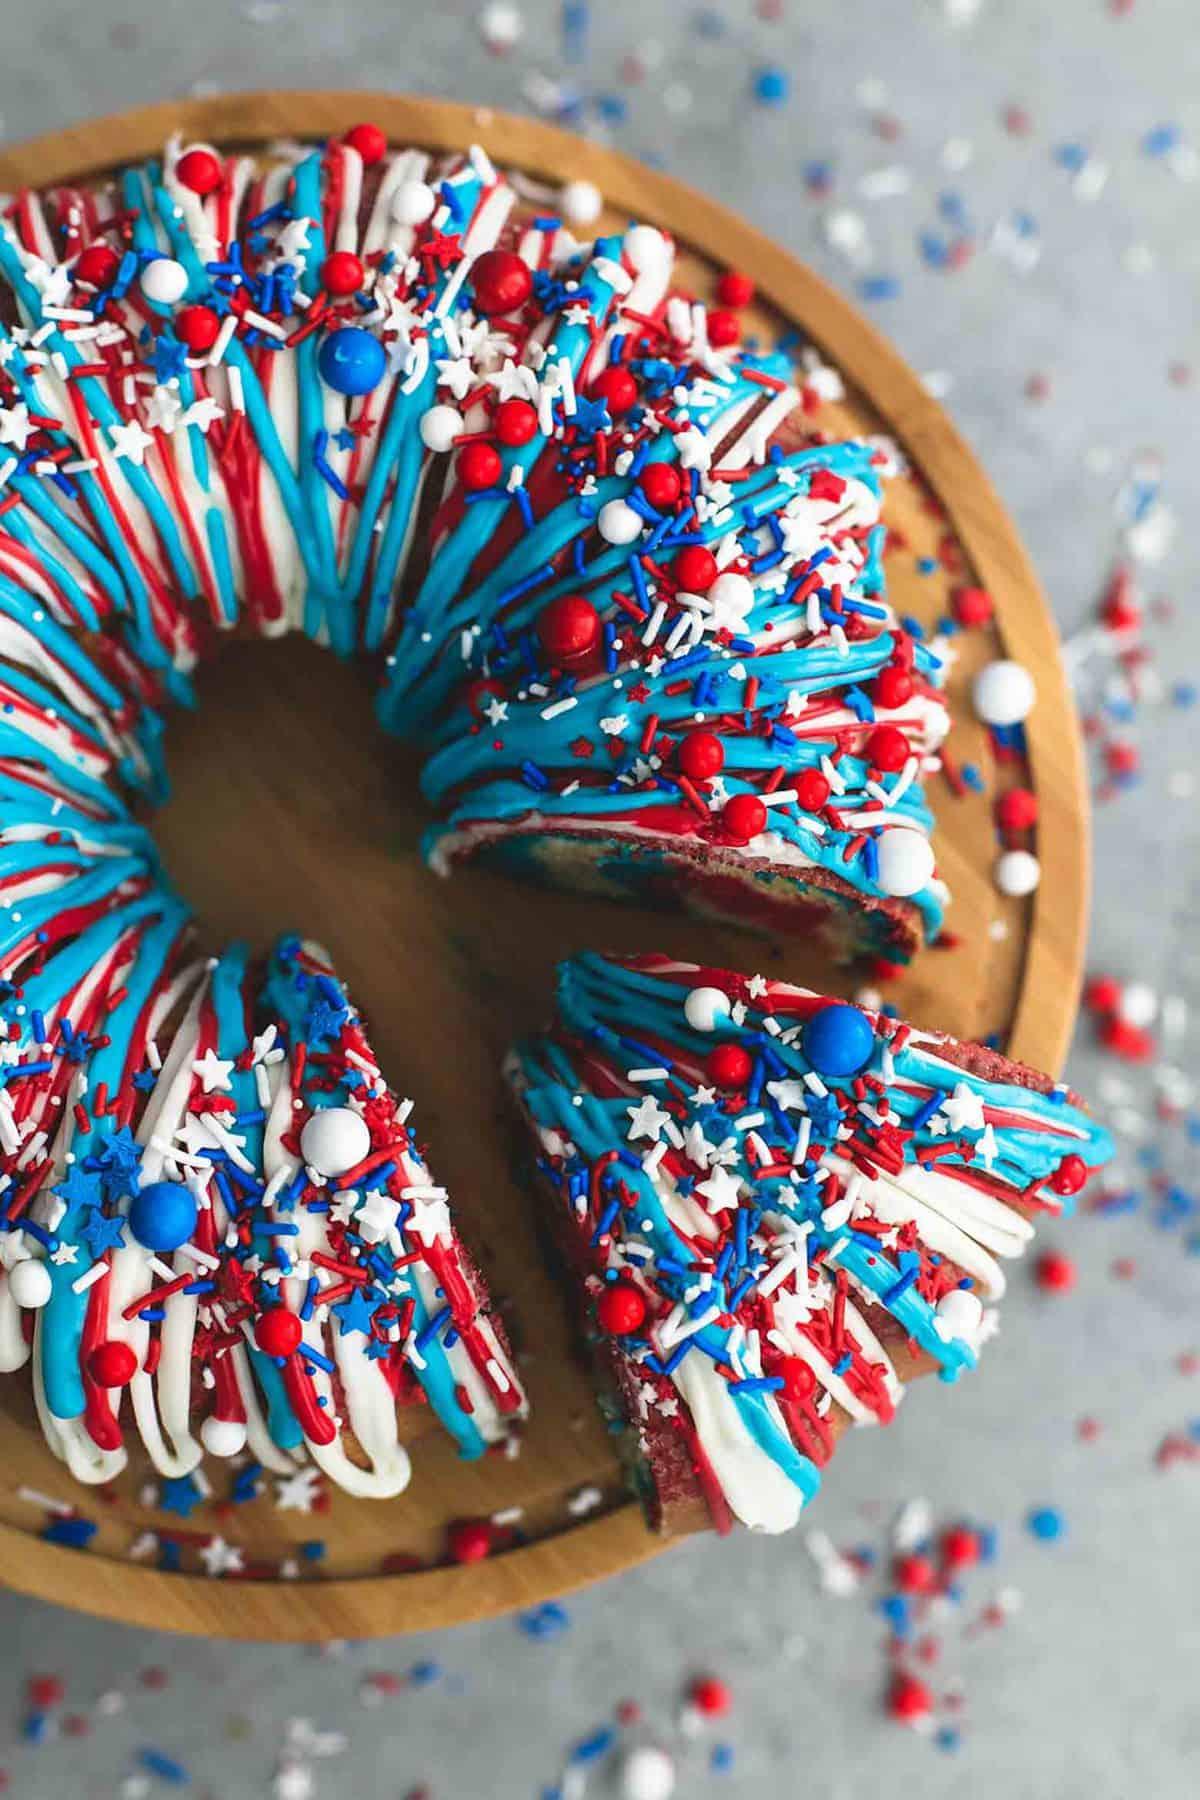 Firecracker Bundt Cake | lecremedelacrumb.com